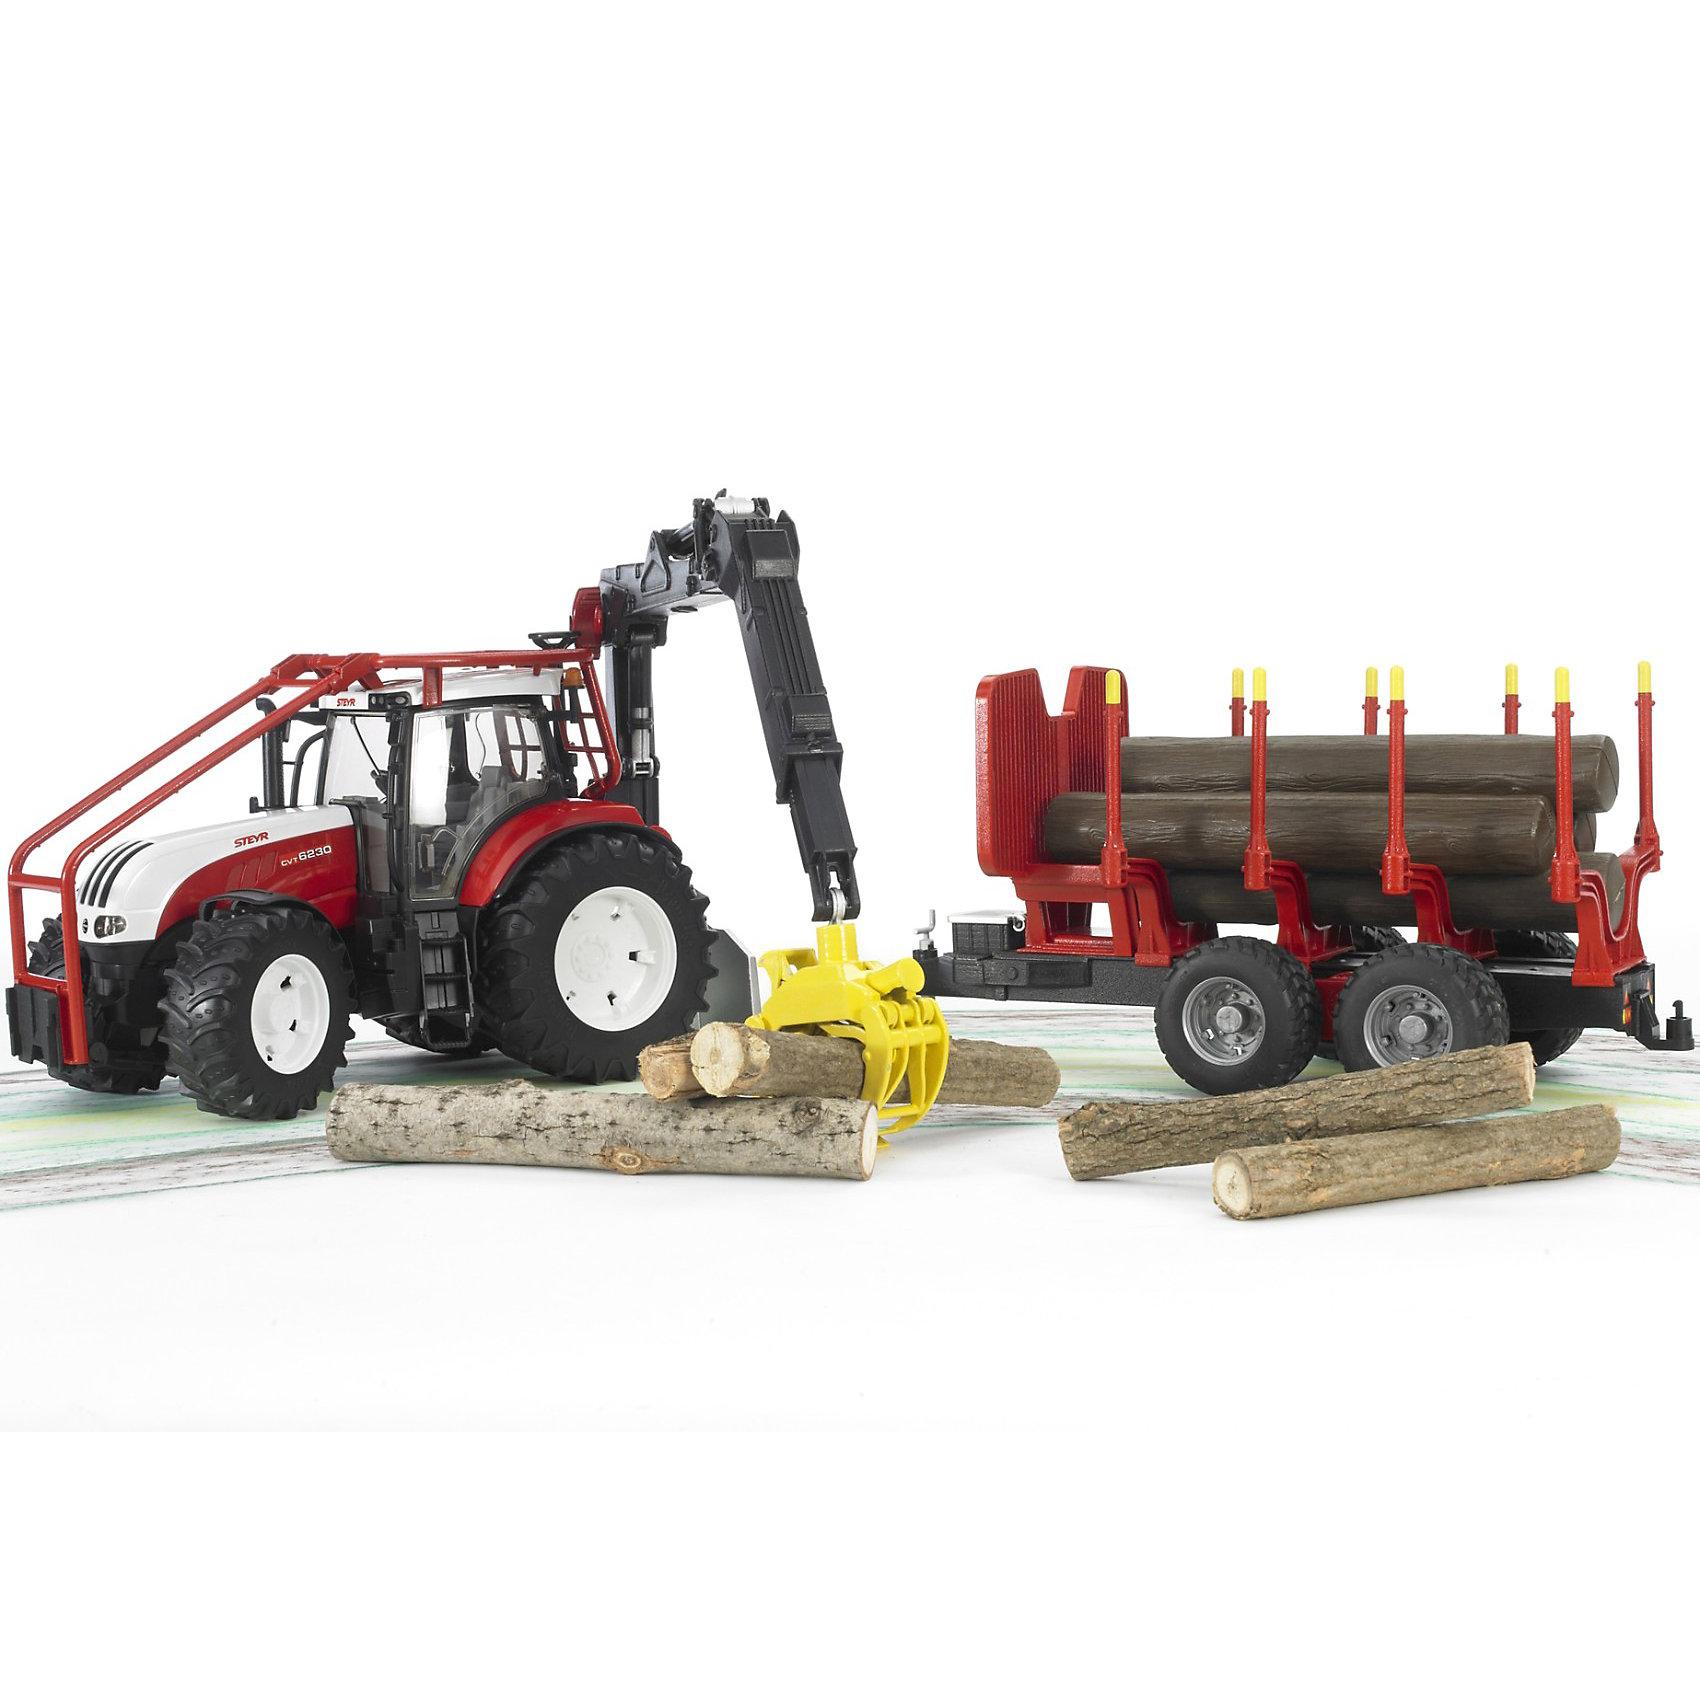 Трактор Steyr CVT 6230 лесной с манипулятором и прицепом с брёвнами, Bruder